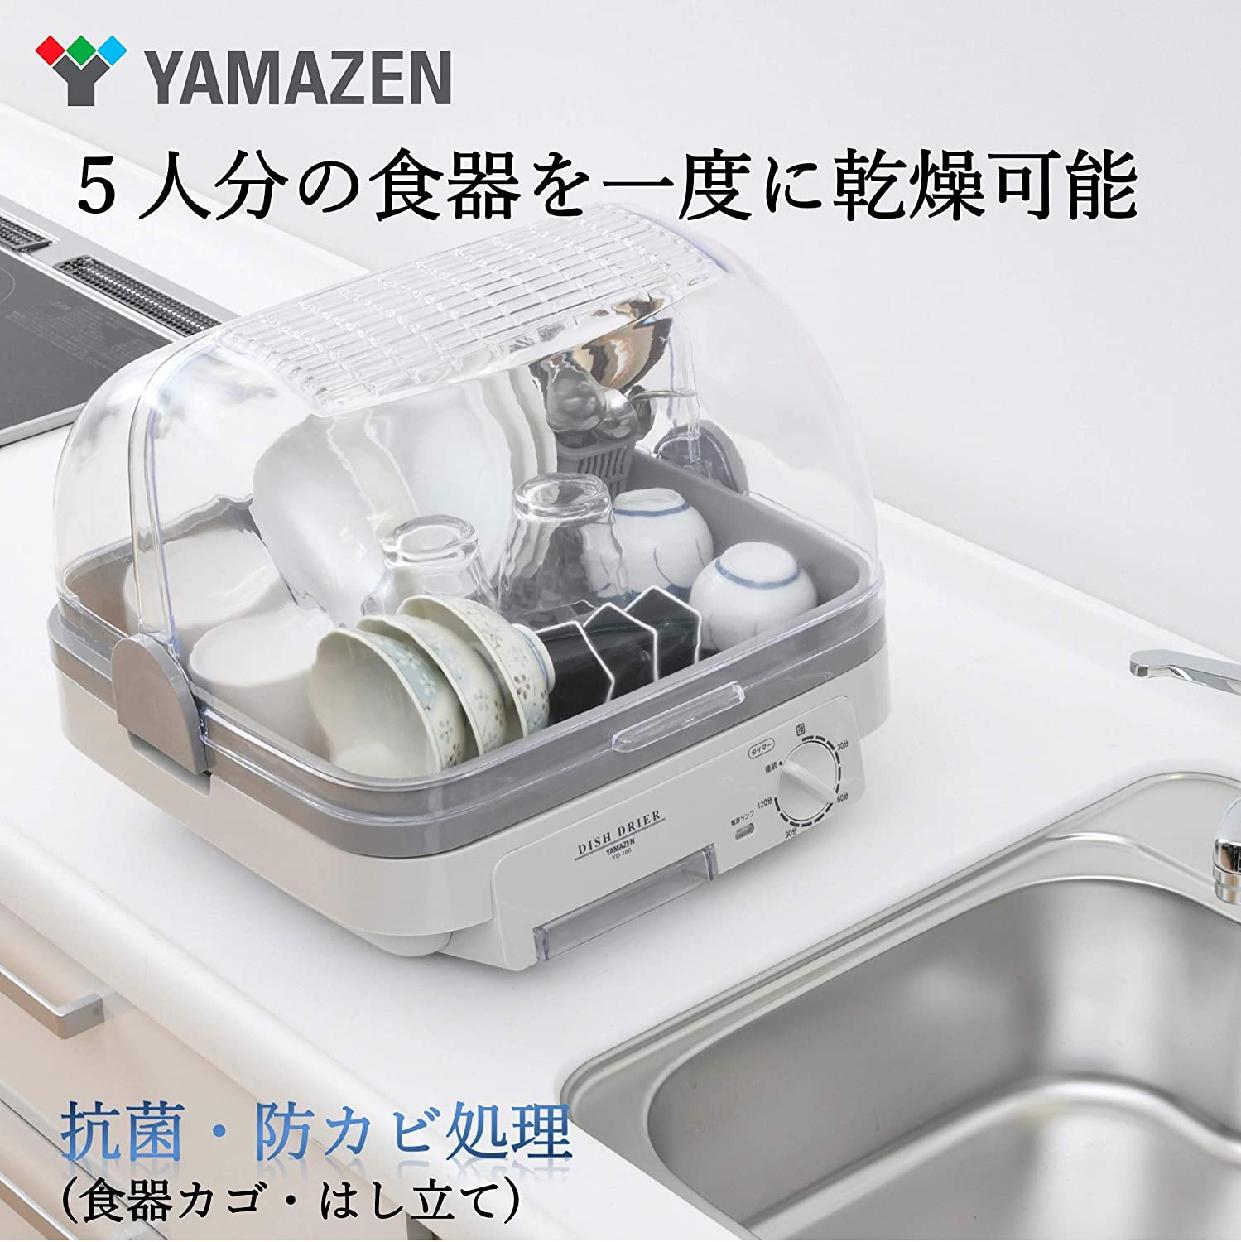 山善(YAMAZEN) 食器乾燥機 YD-180の商品画像2